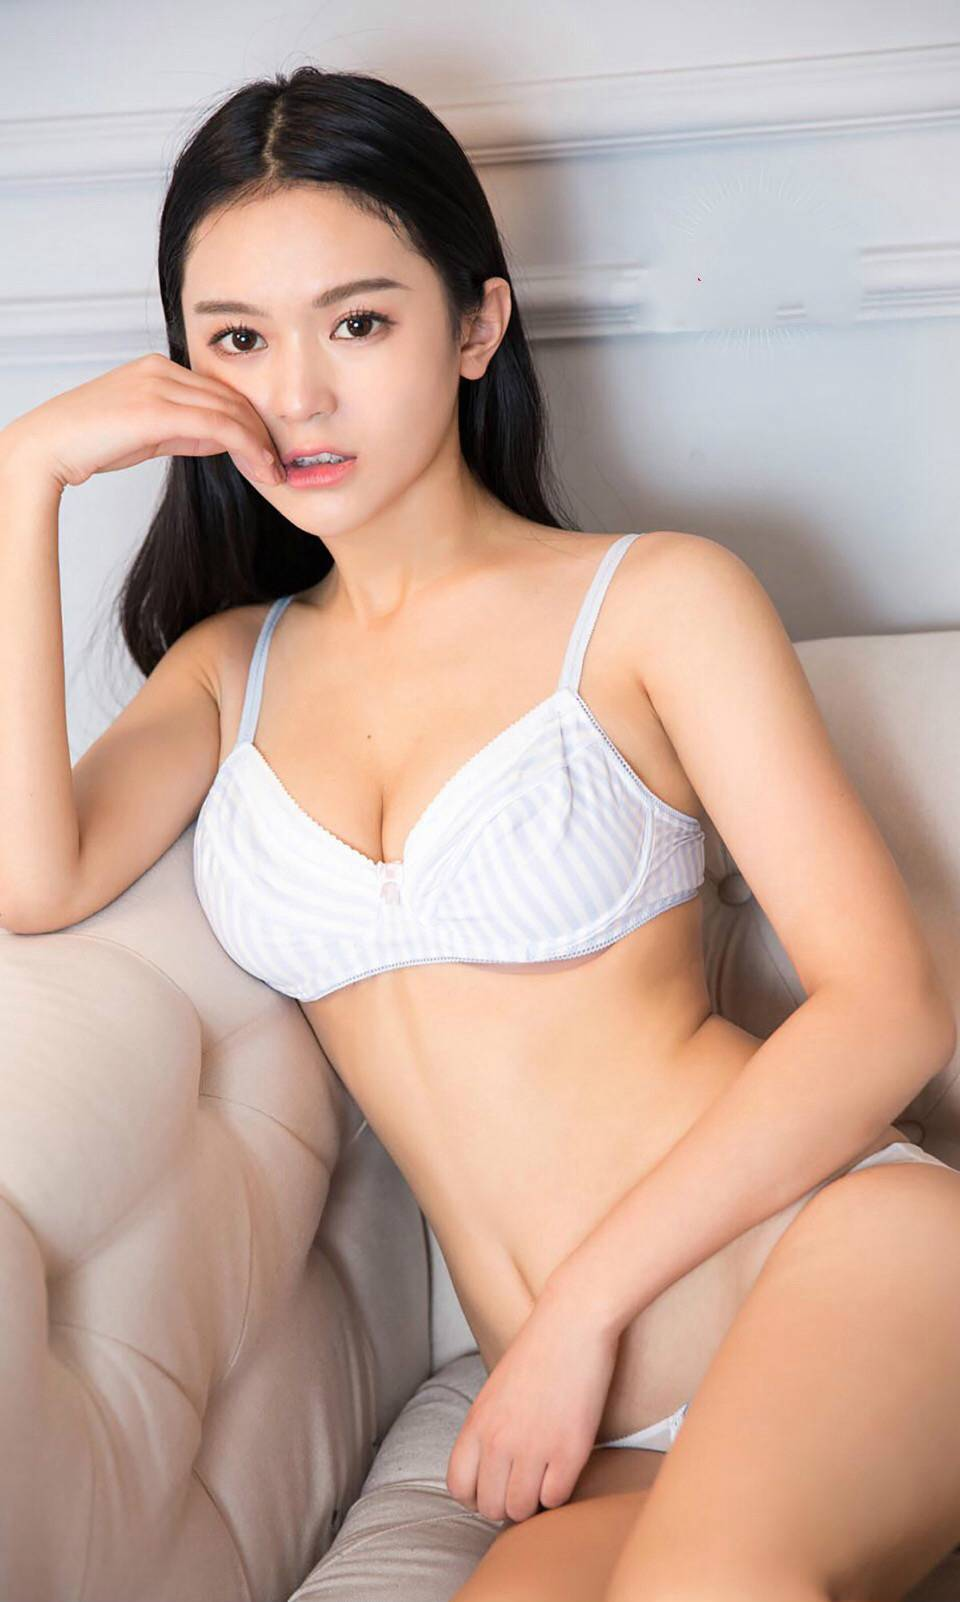 清纯95后邻家美女内衣写真